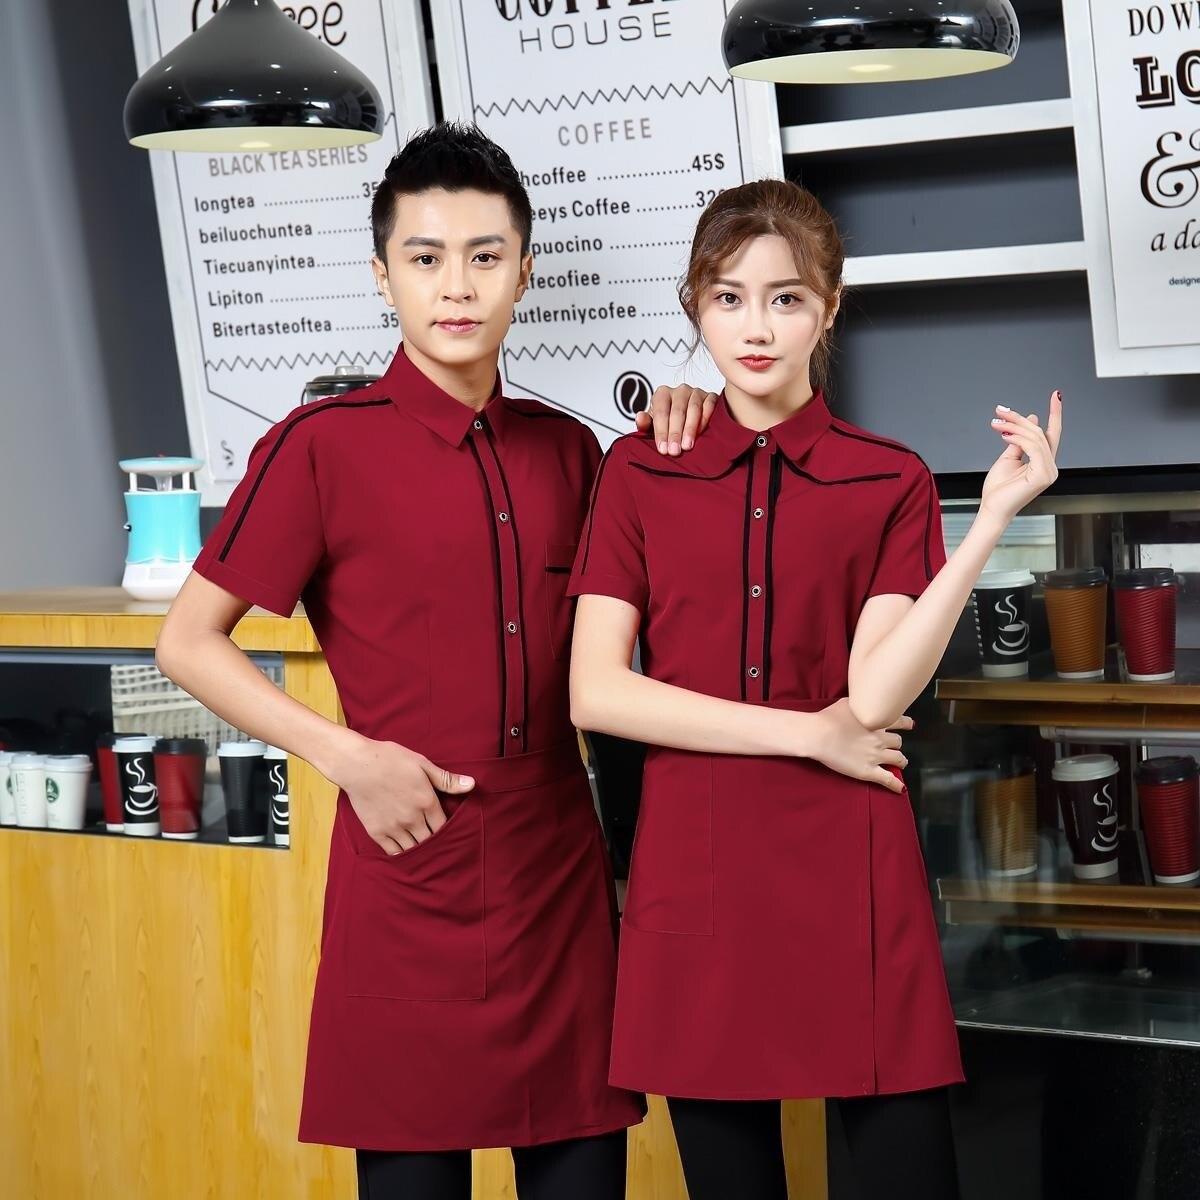 Short Sleeve Restaurant Waiter Uniform Stand Collar Coffee Shop Waitress Uniform Waitress Overalls Food Fast food Work Wear 90